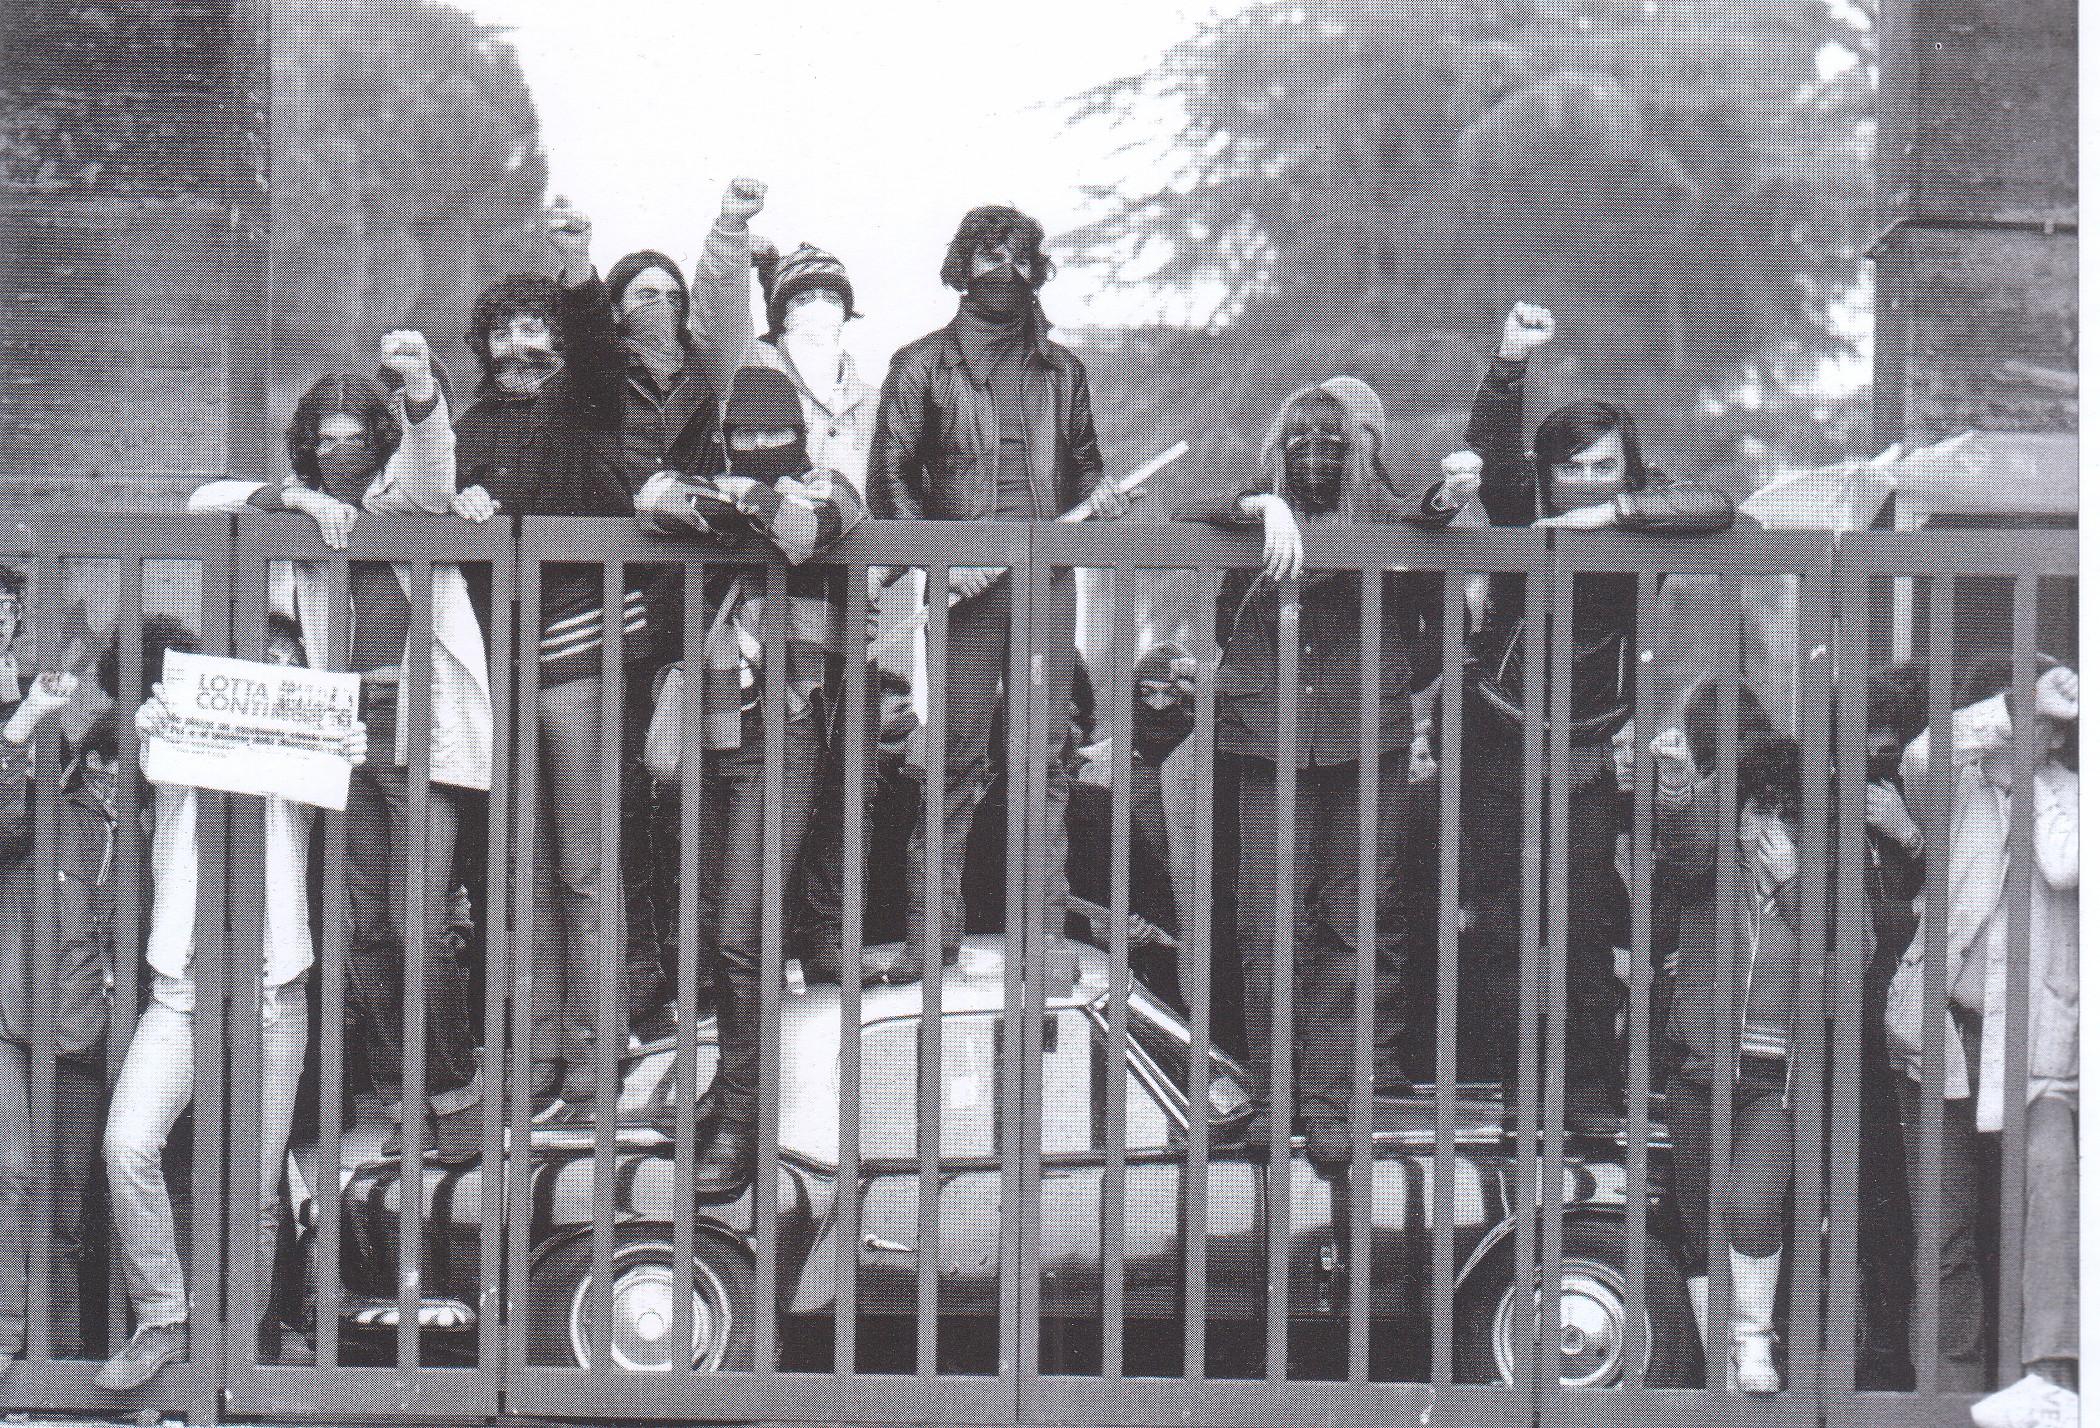 Αποτέλεσμα εικόνας για autonomia anni 70